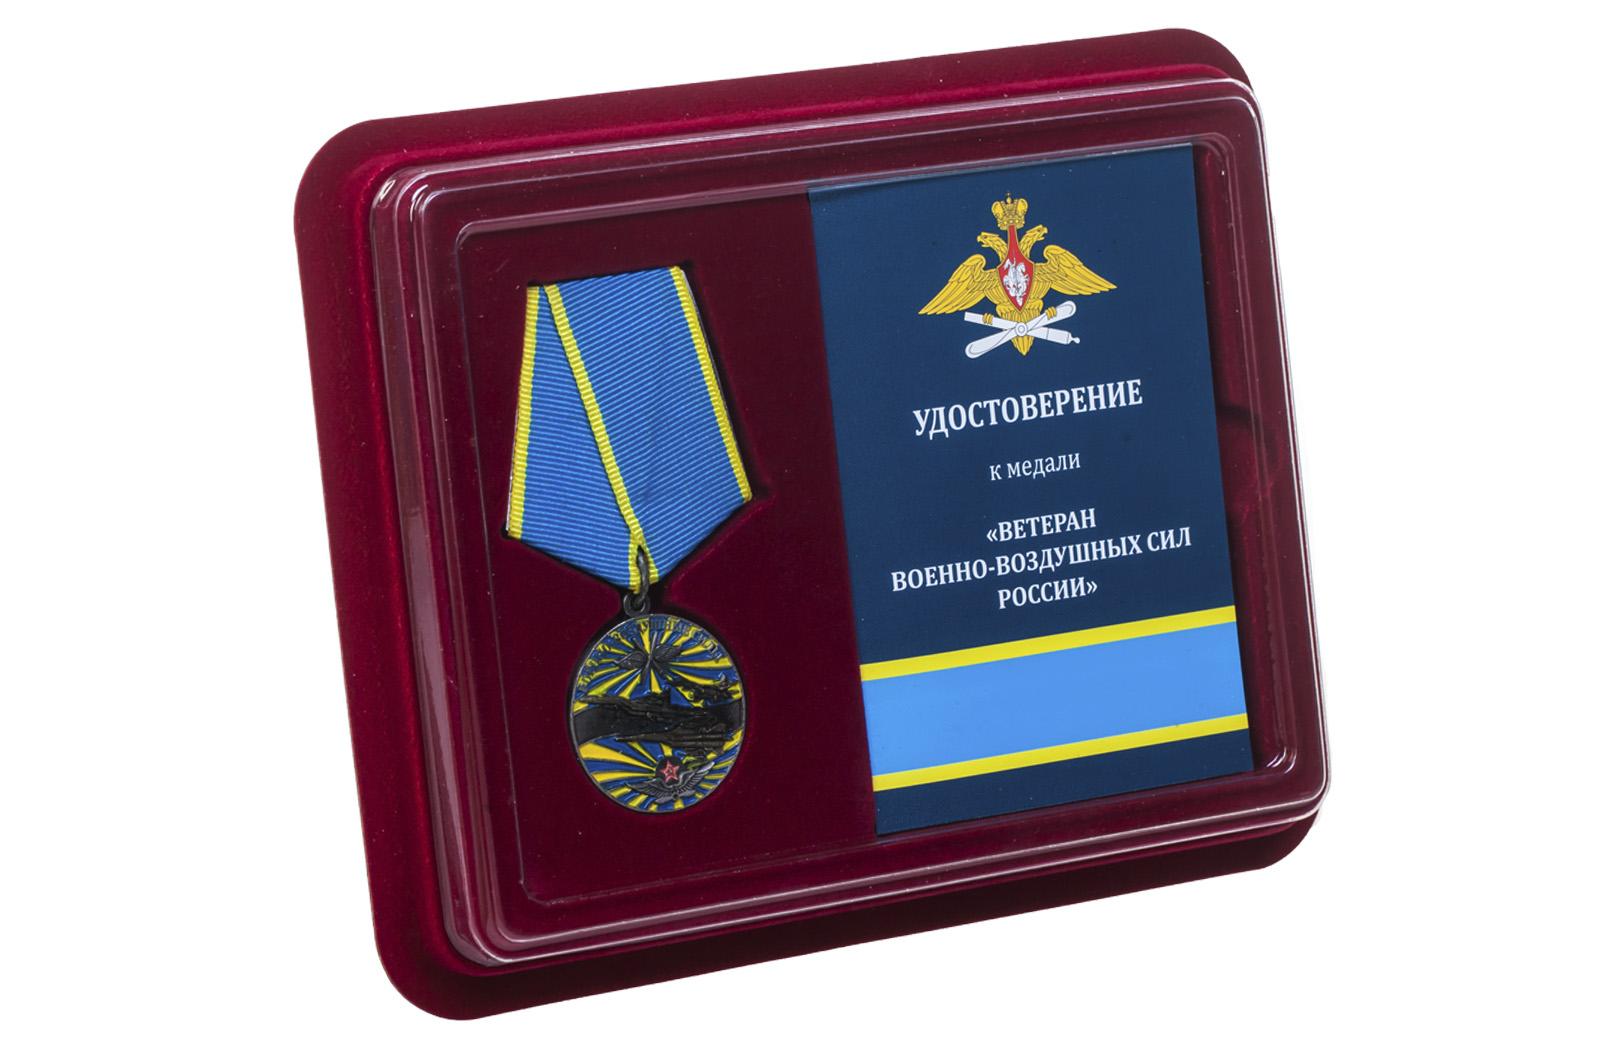 """Купить медаль """"Ветеран ВВС"""" в футляре с удостоверением с доставкой выгодно"""